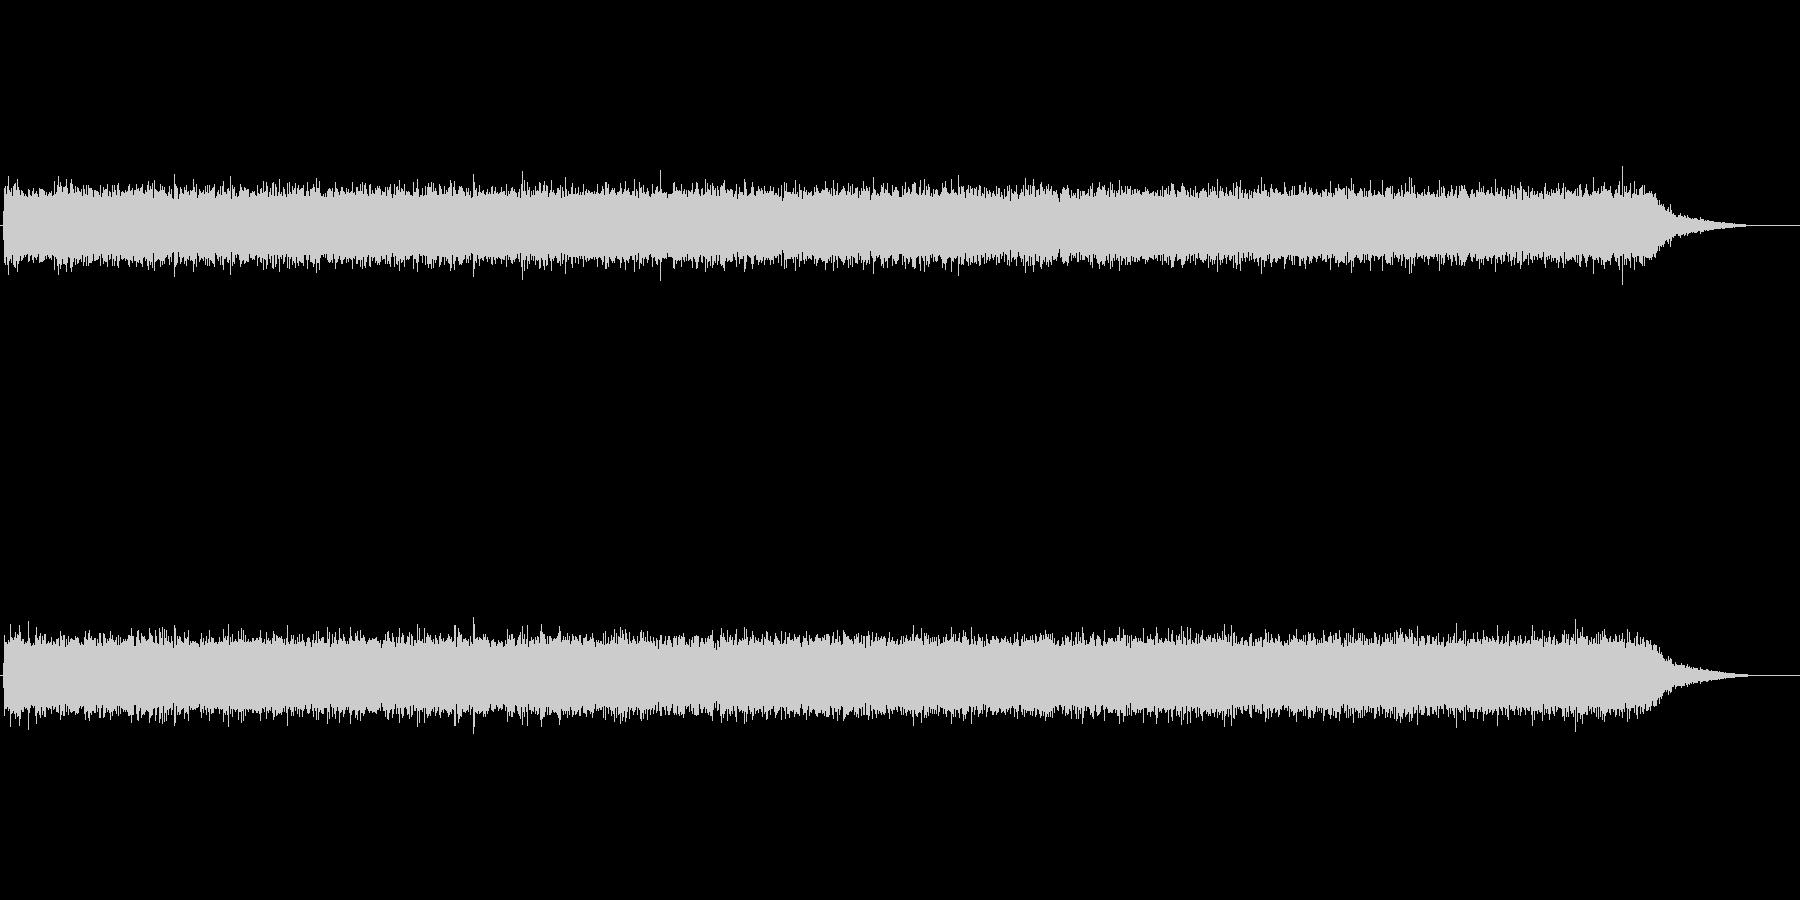 ザーッ(川の流れる音)の未再生の波形